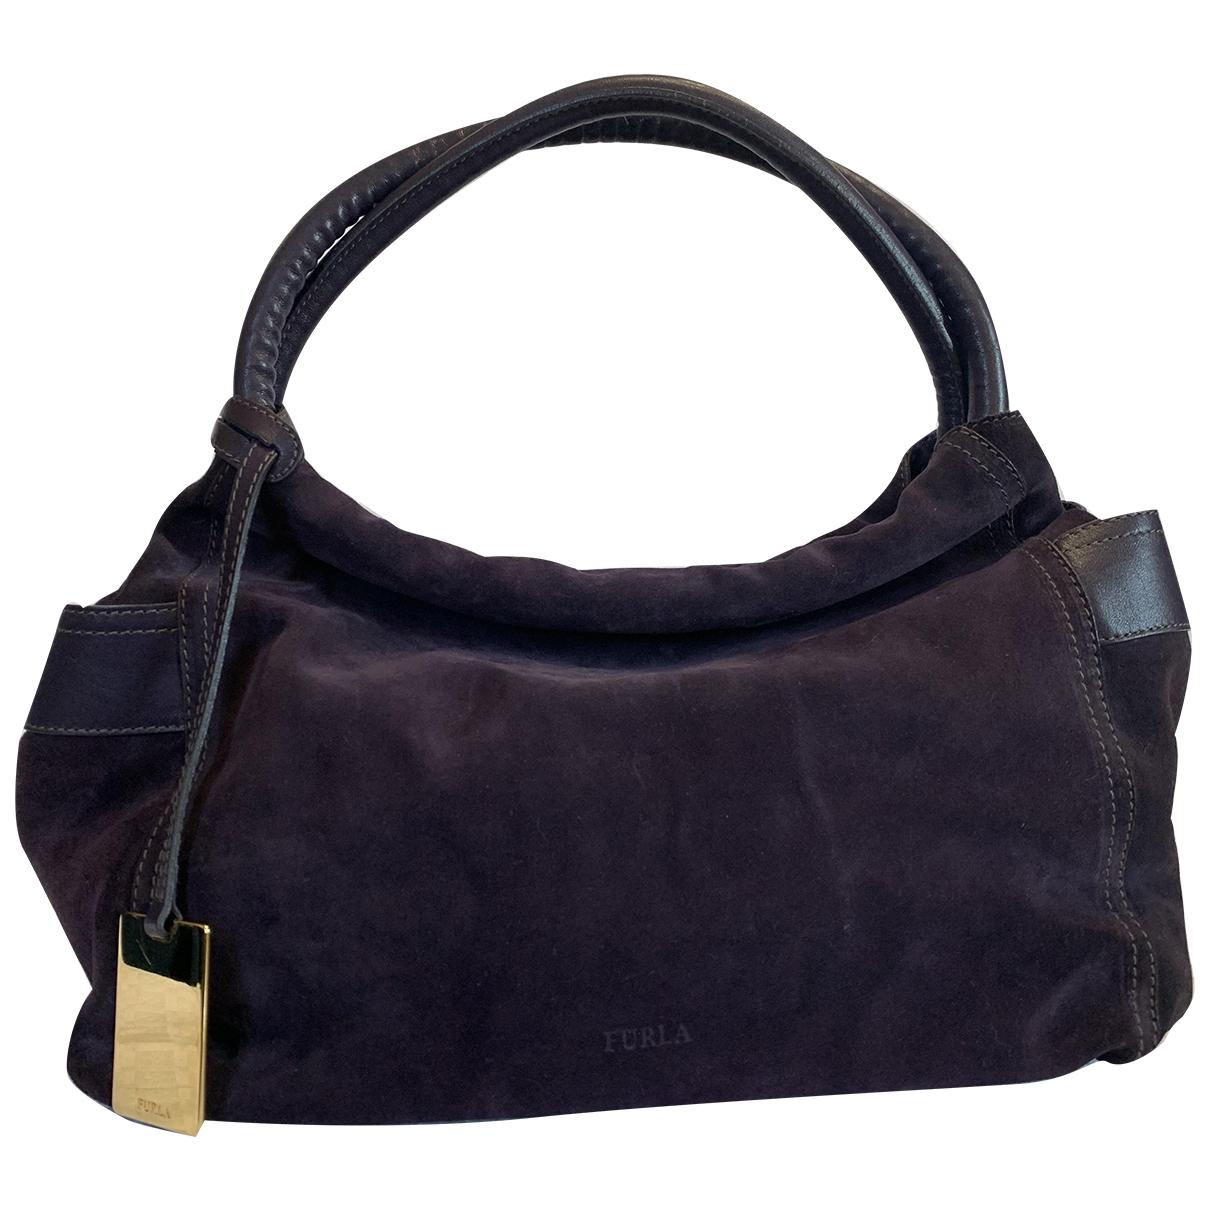 Furla \N Purple Suede handbag for Women \N